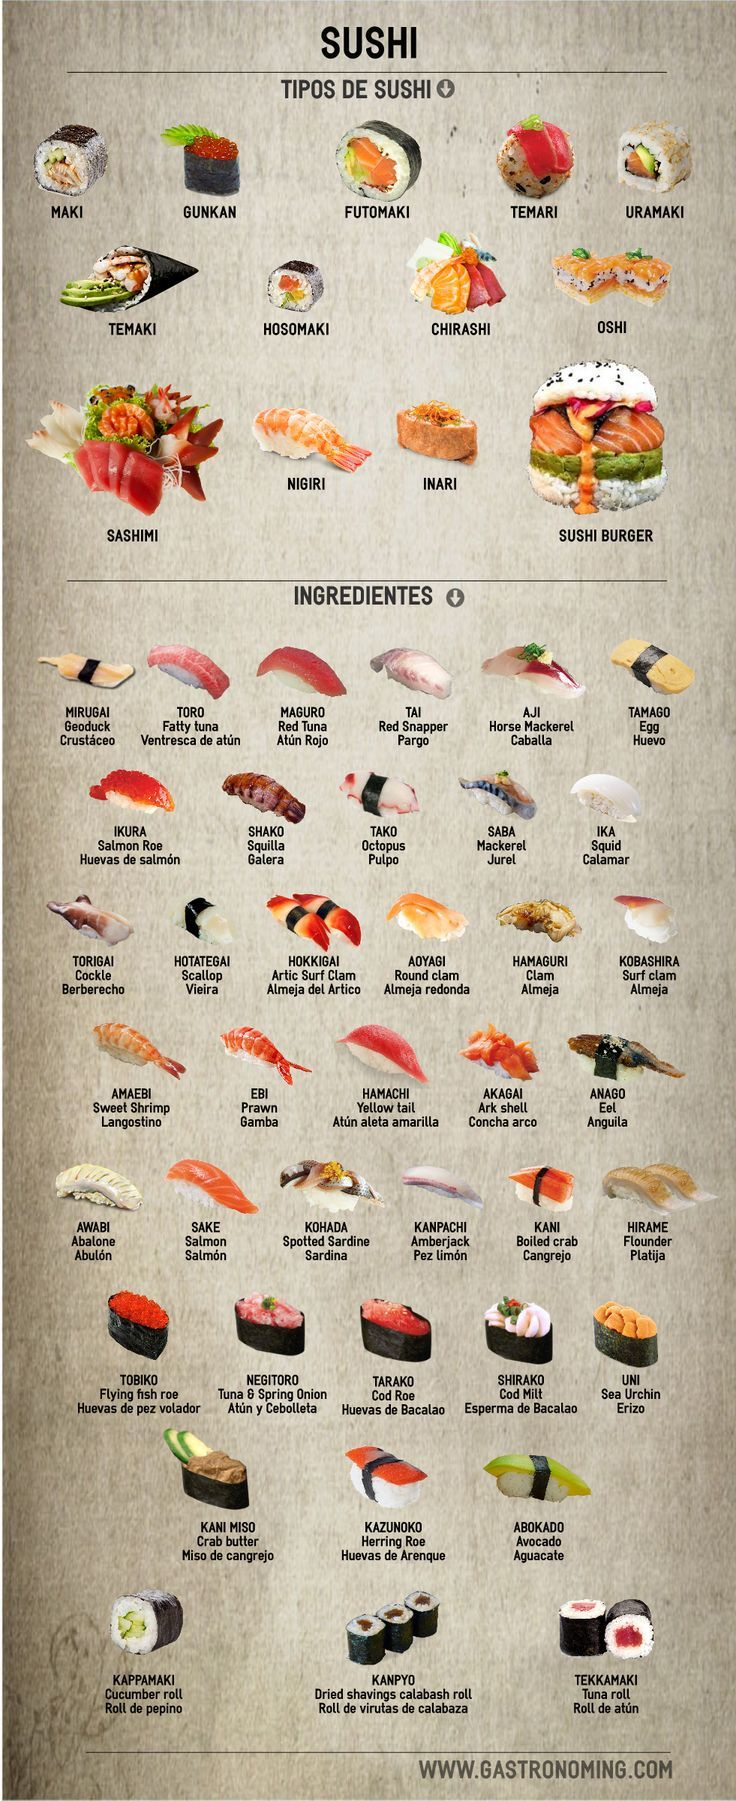 25 melhores ideias sobre sushi tipos no pinterest tipos for Fotos de diferentes marmoles